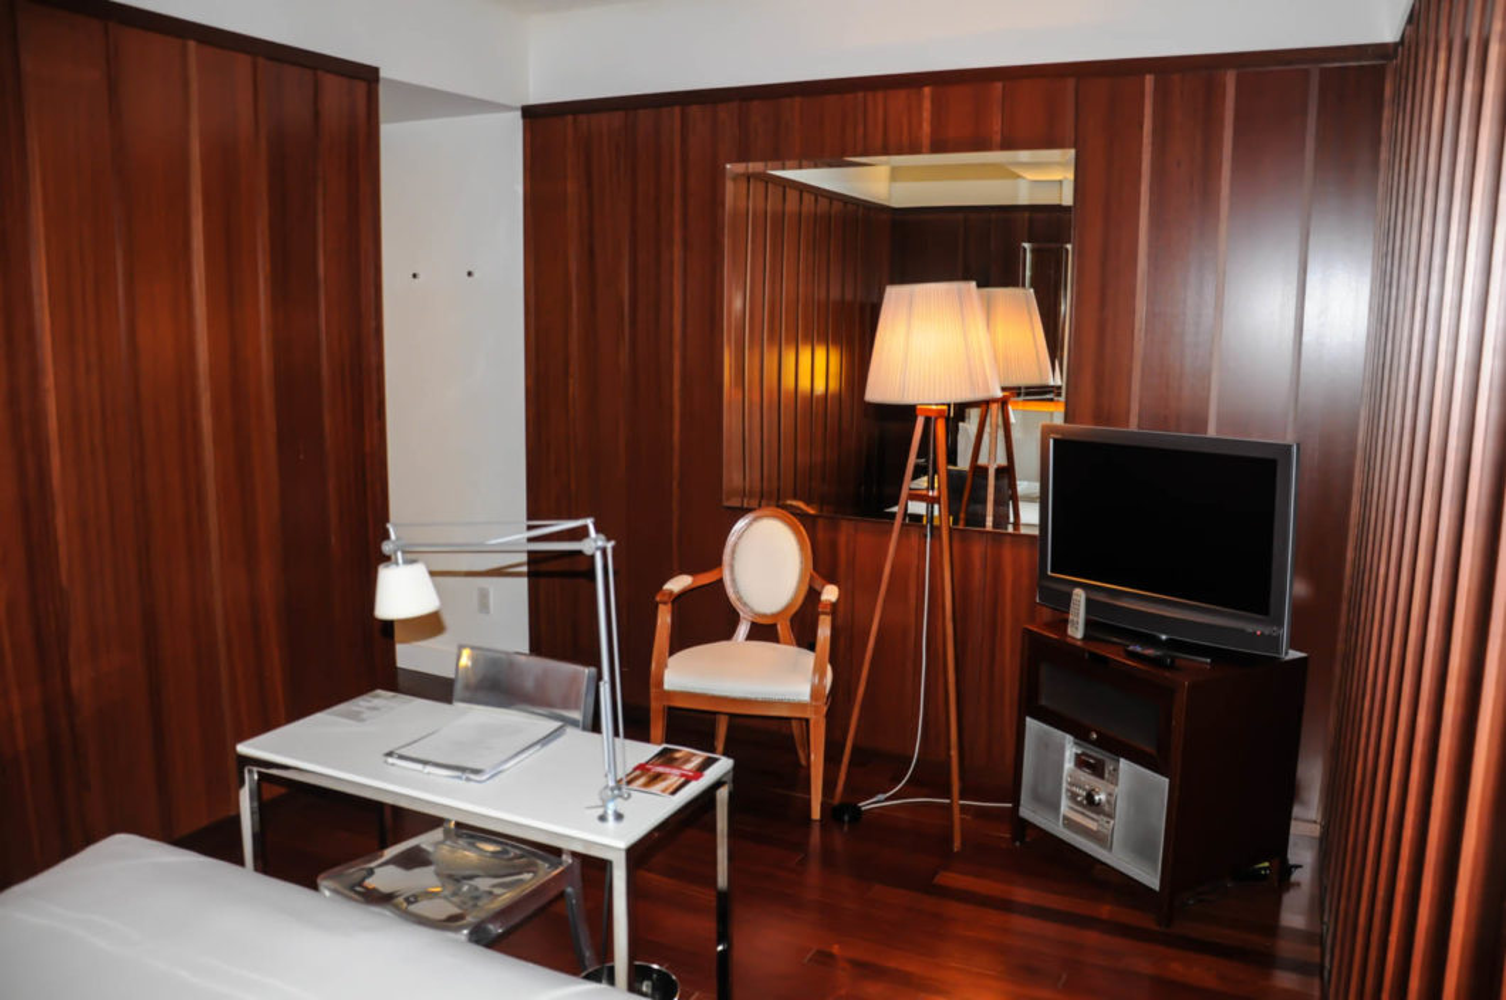 Hotel Moins Cher Ajaccio